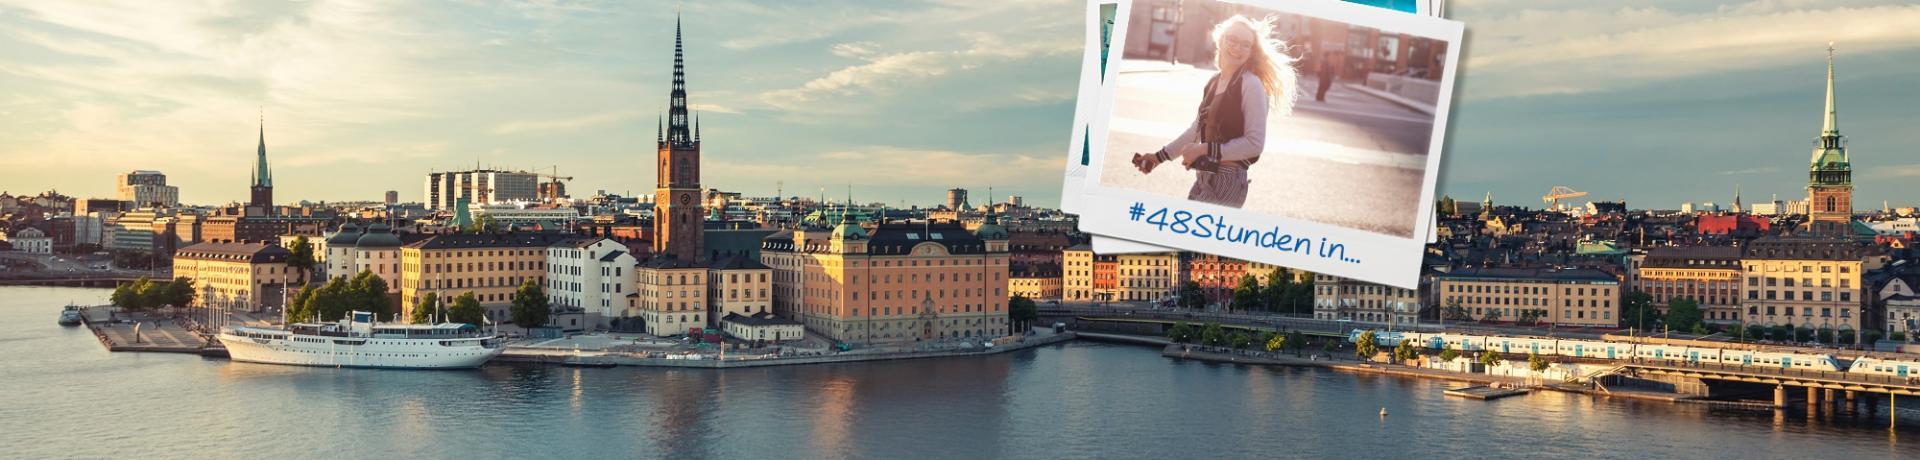 Schweden-stockholm-48h_GI-1014912224.jpg